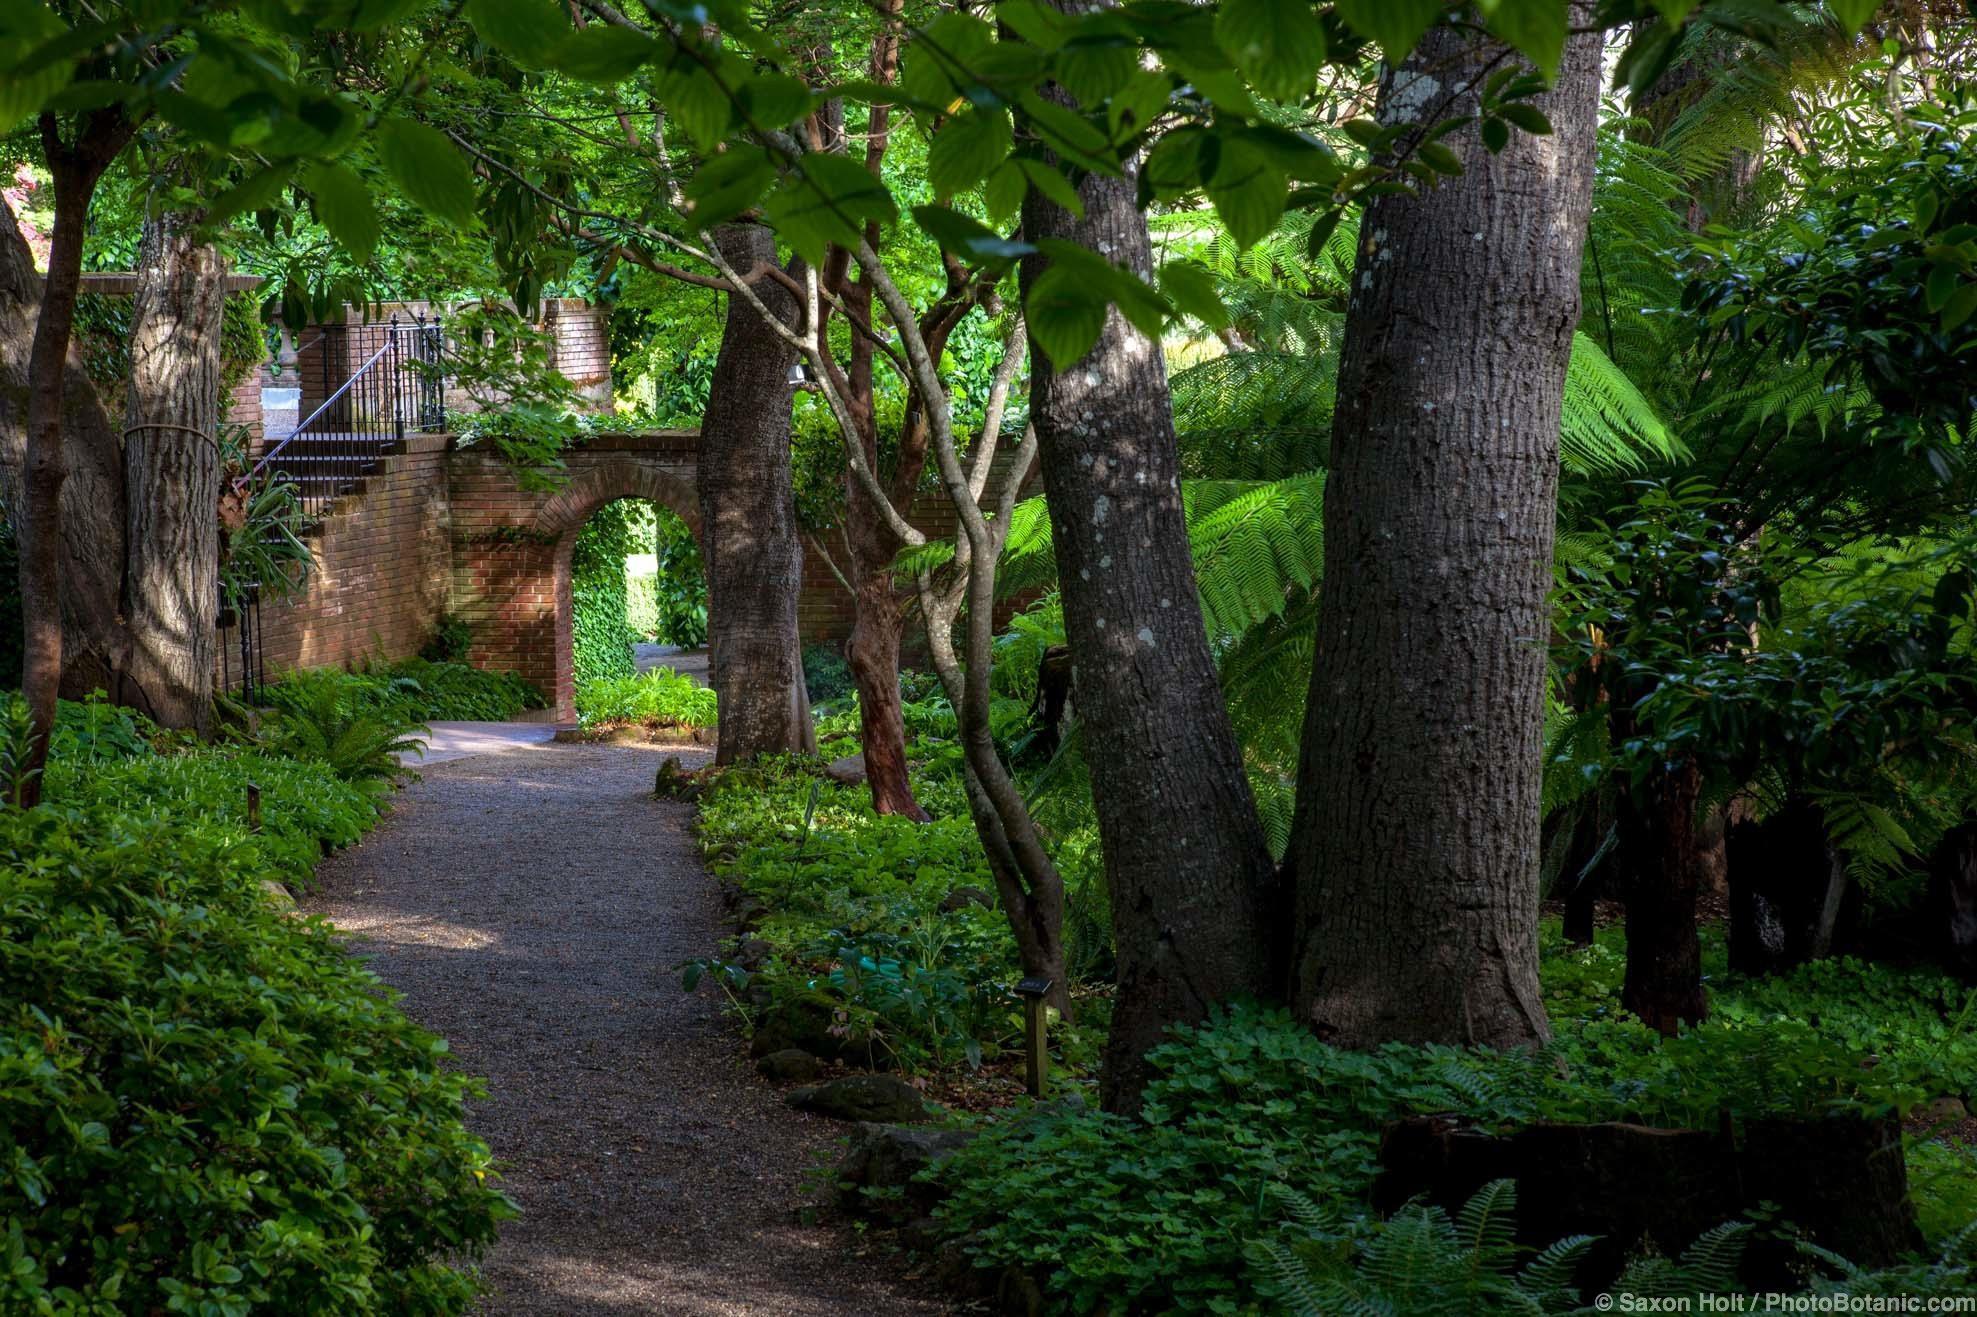 Gravel path through woodland garden at Filoli toward garden gate to formal garden